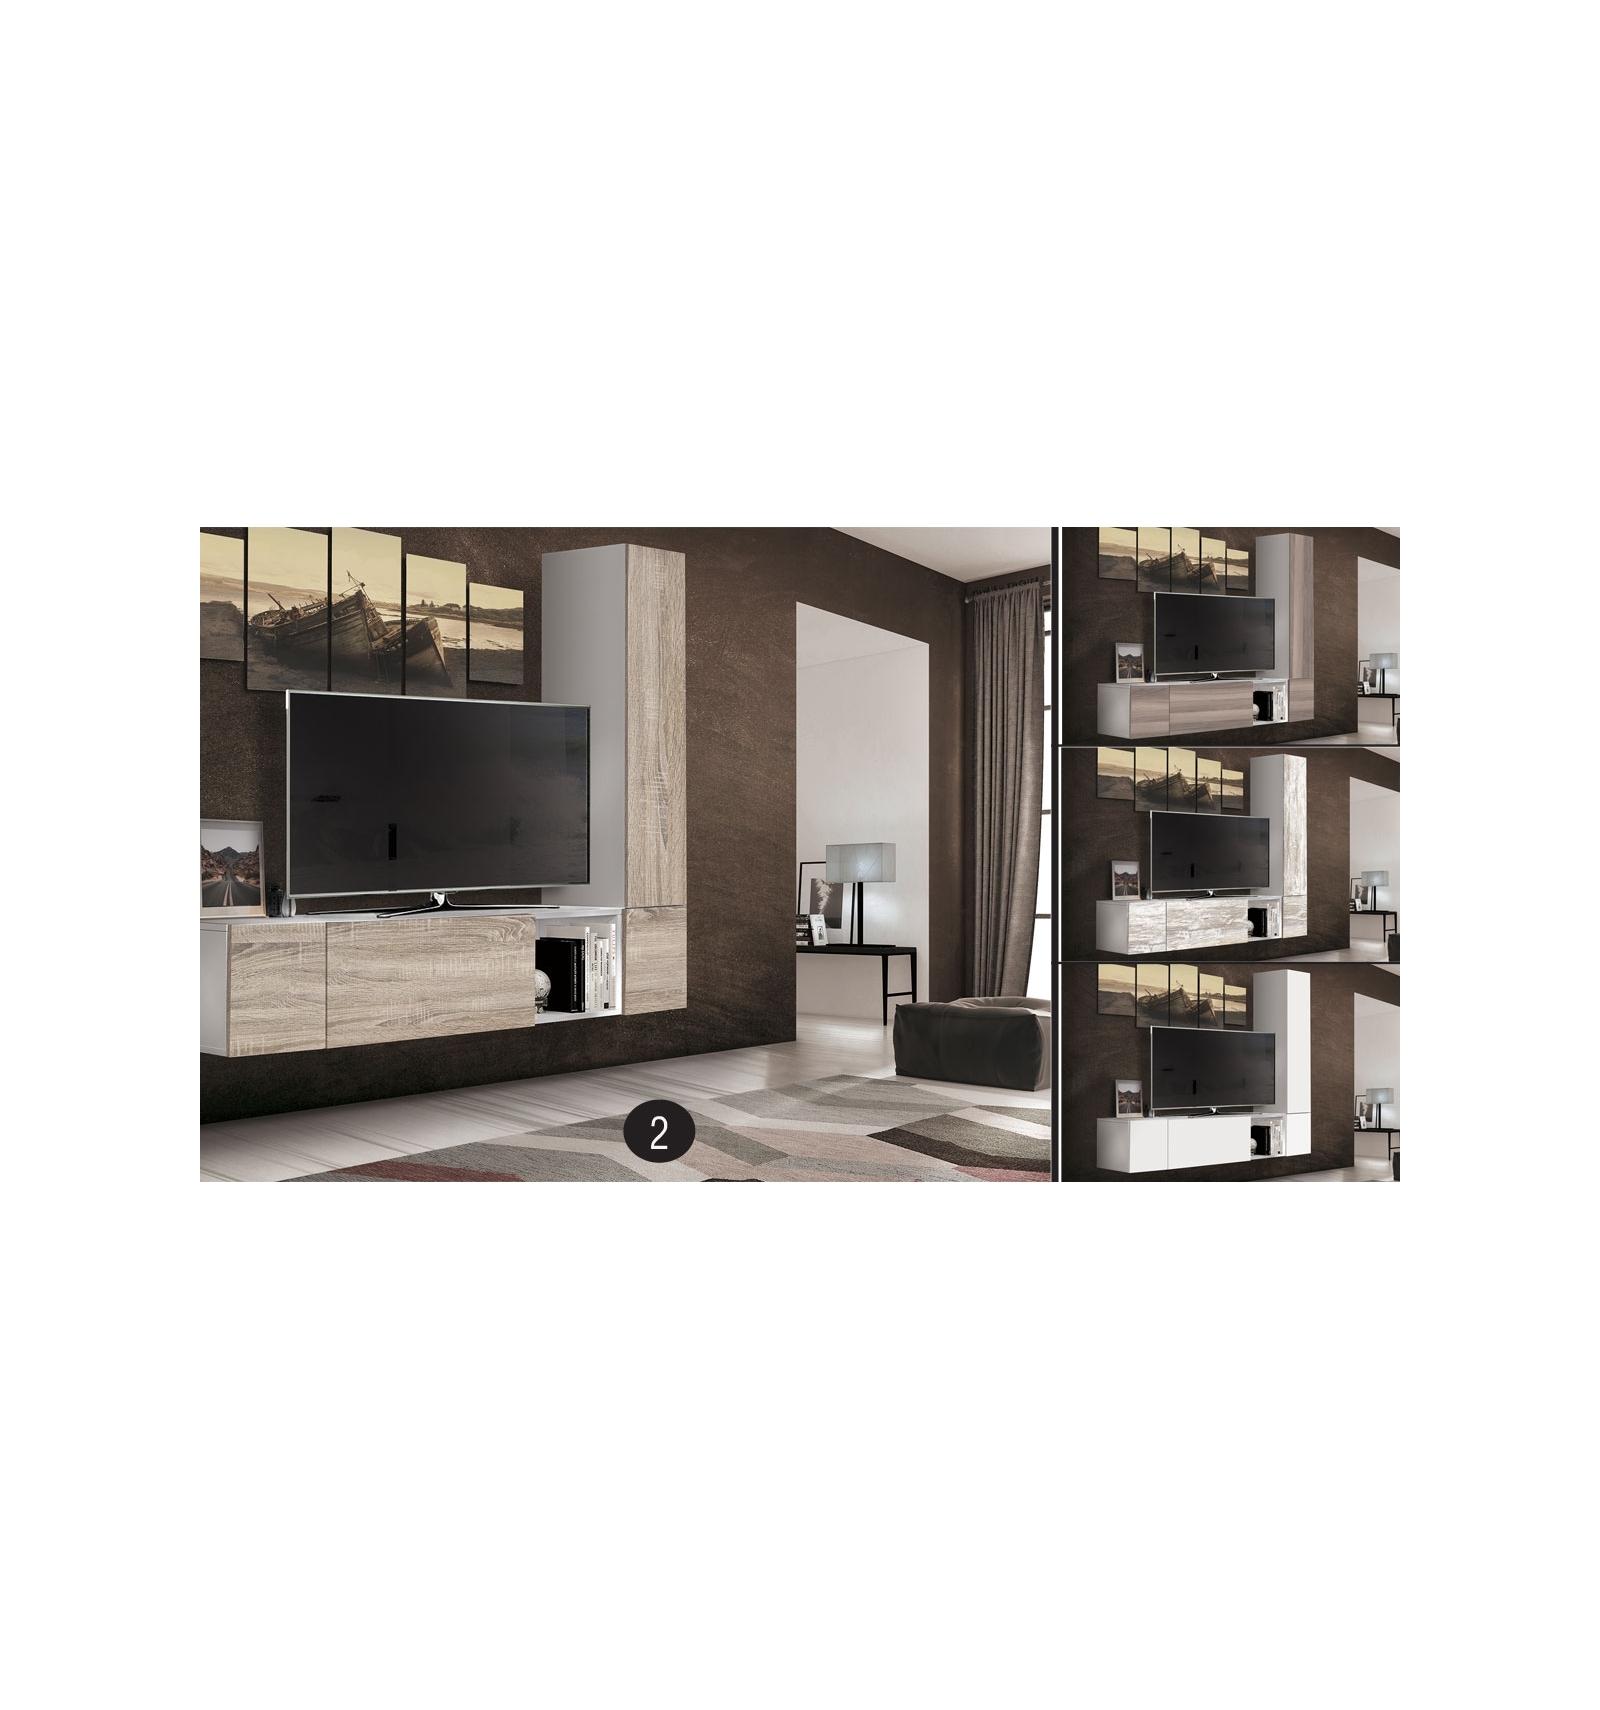 Moderne modulare büromöbel  Modulare Wohnzimmermöbel Twist